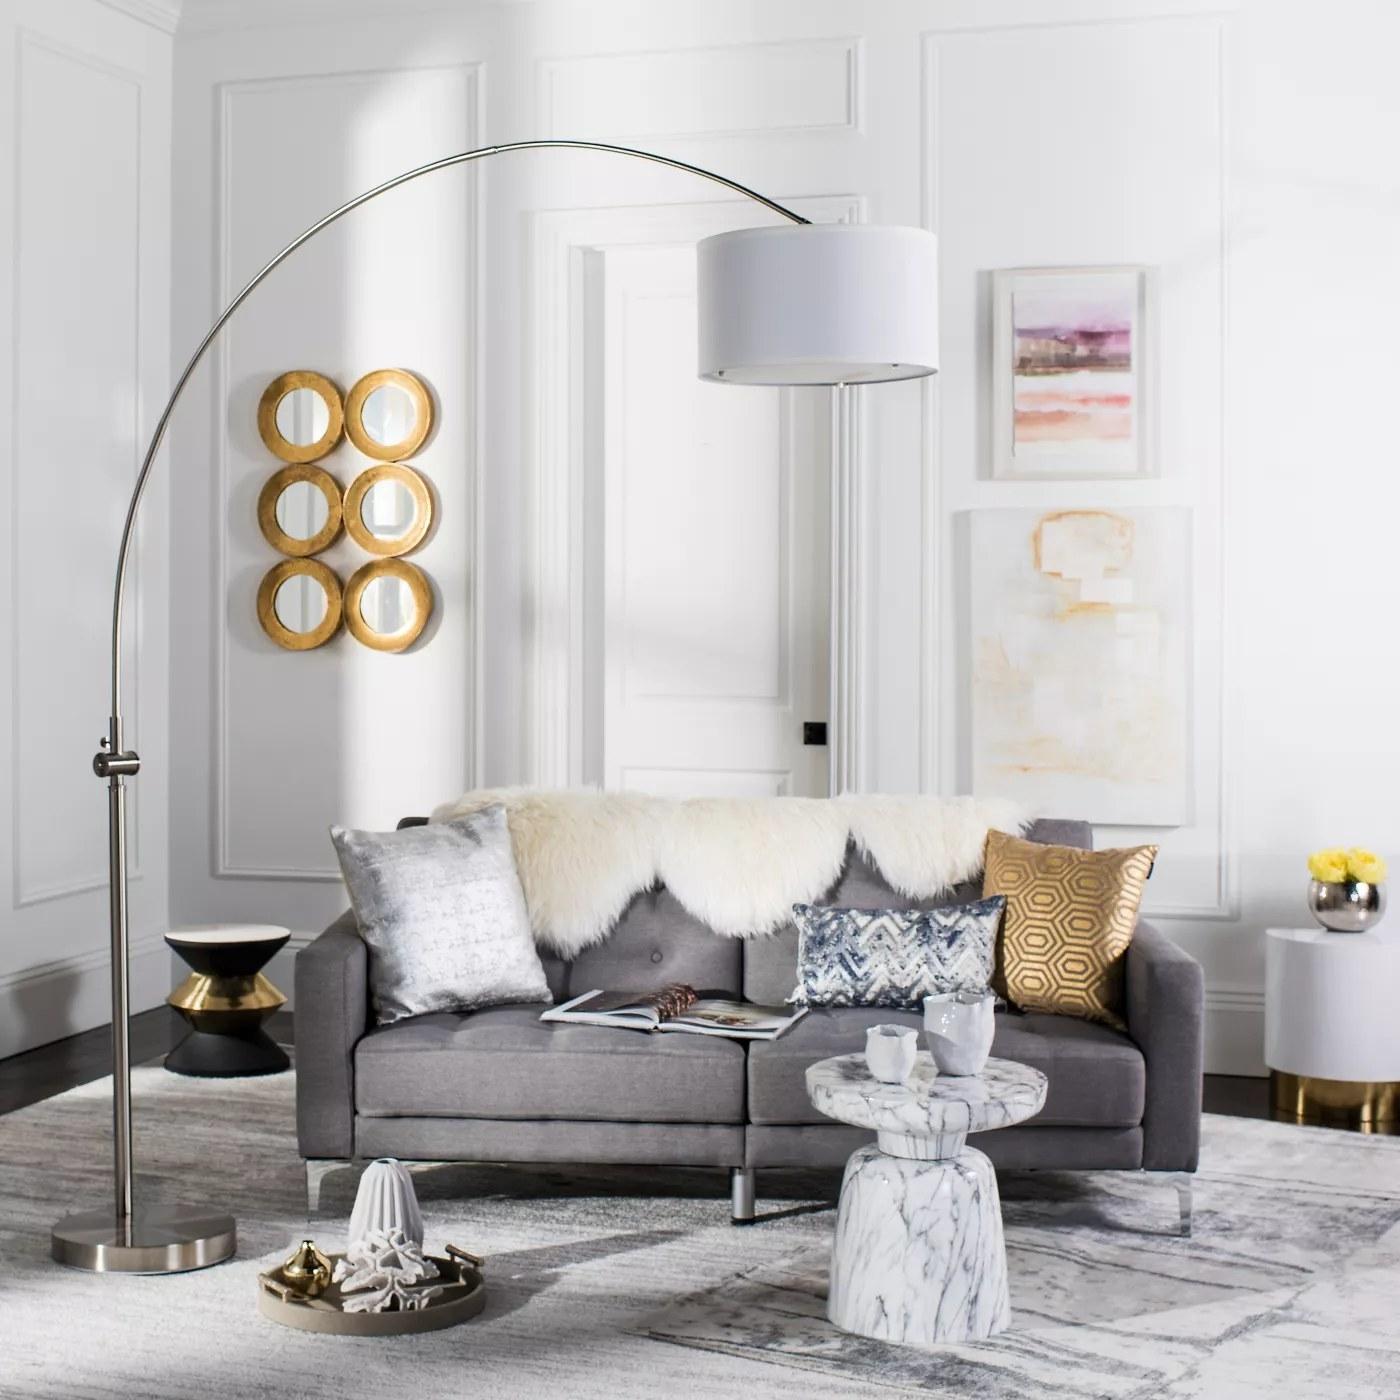 The arc floor lamp